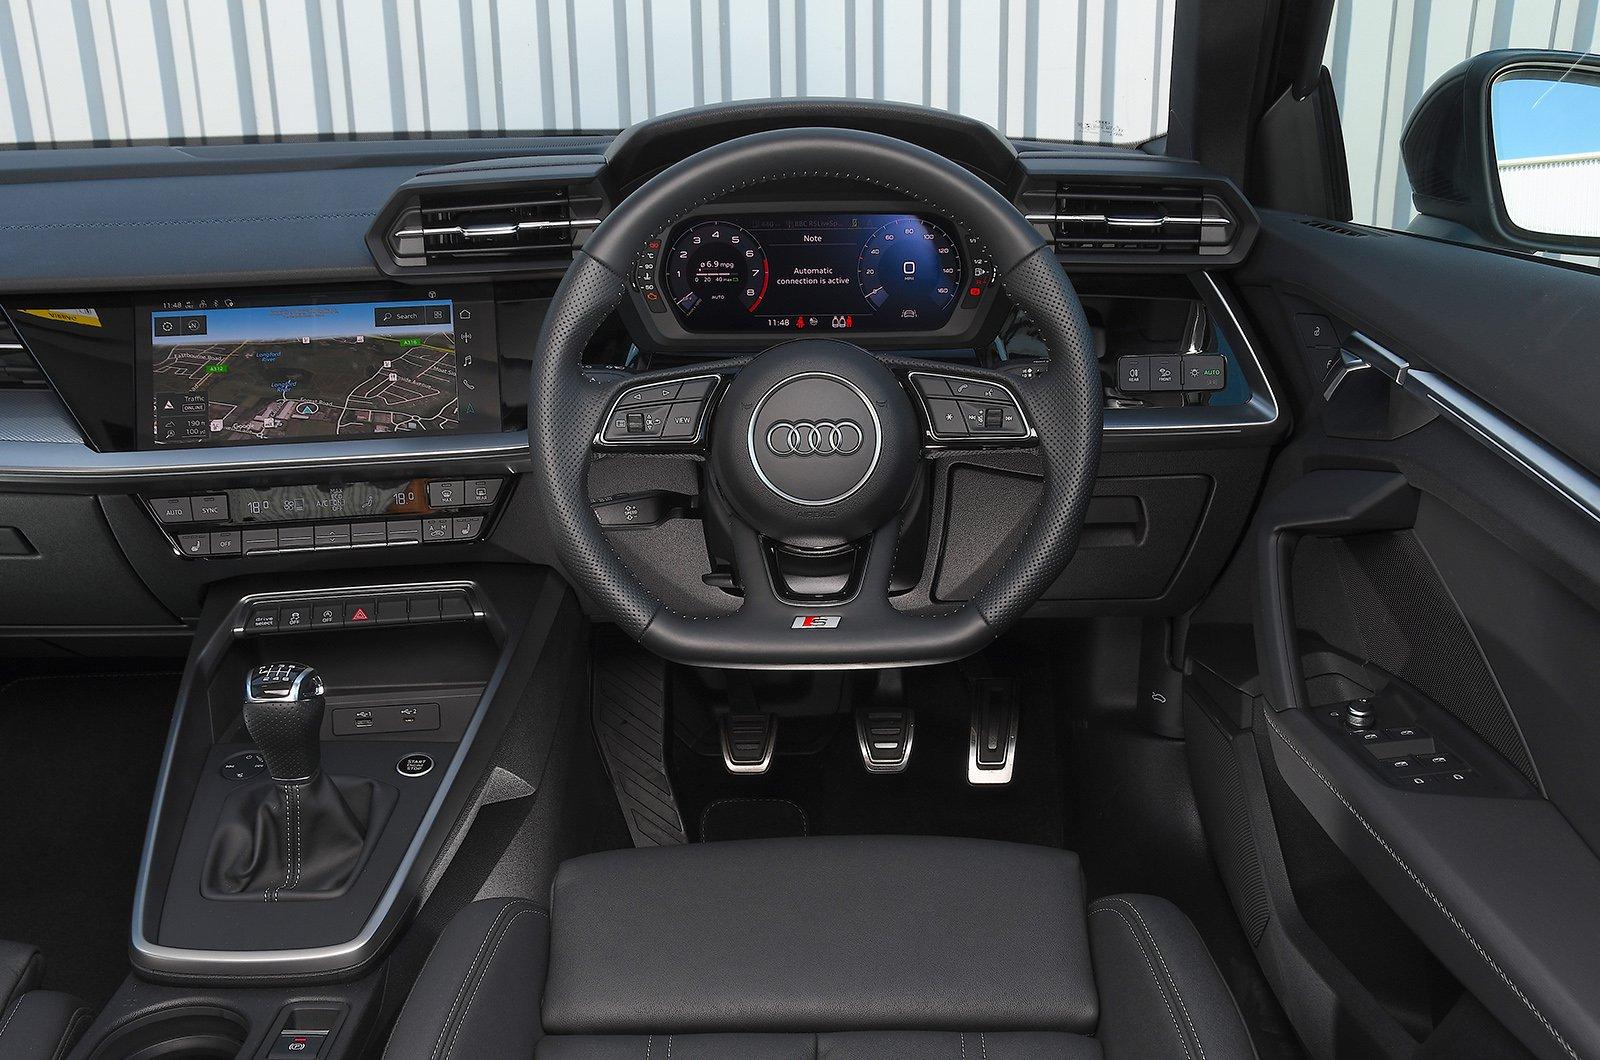 Audi A3 dashboard